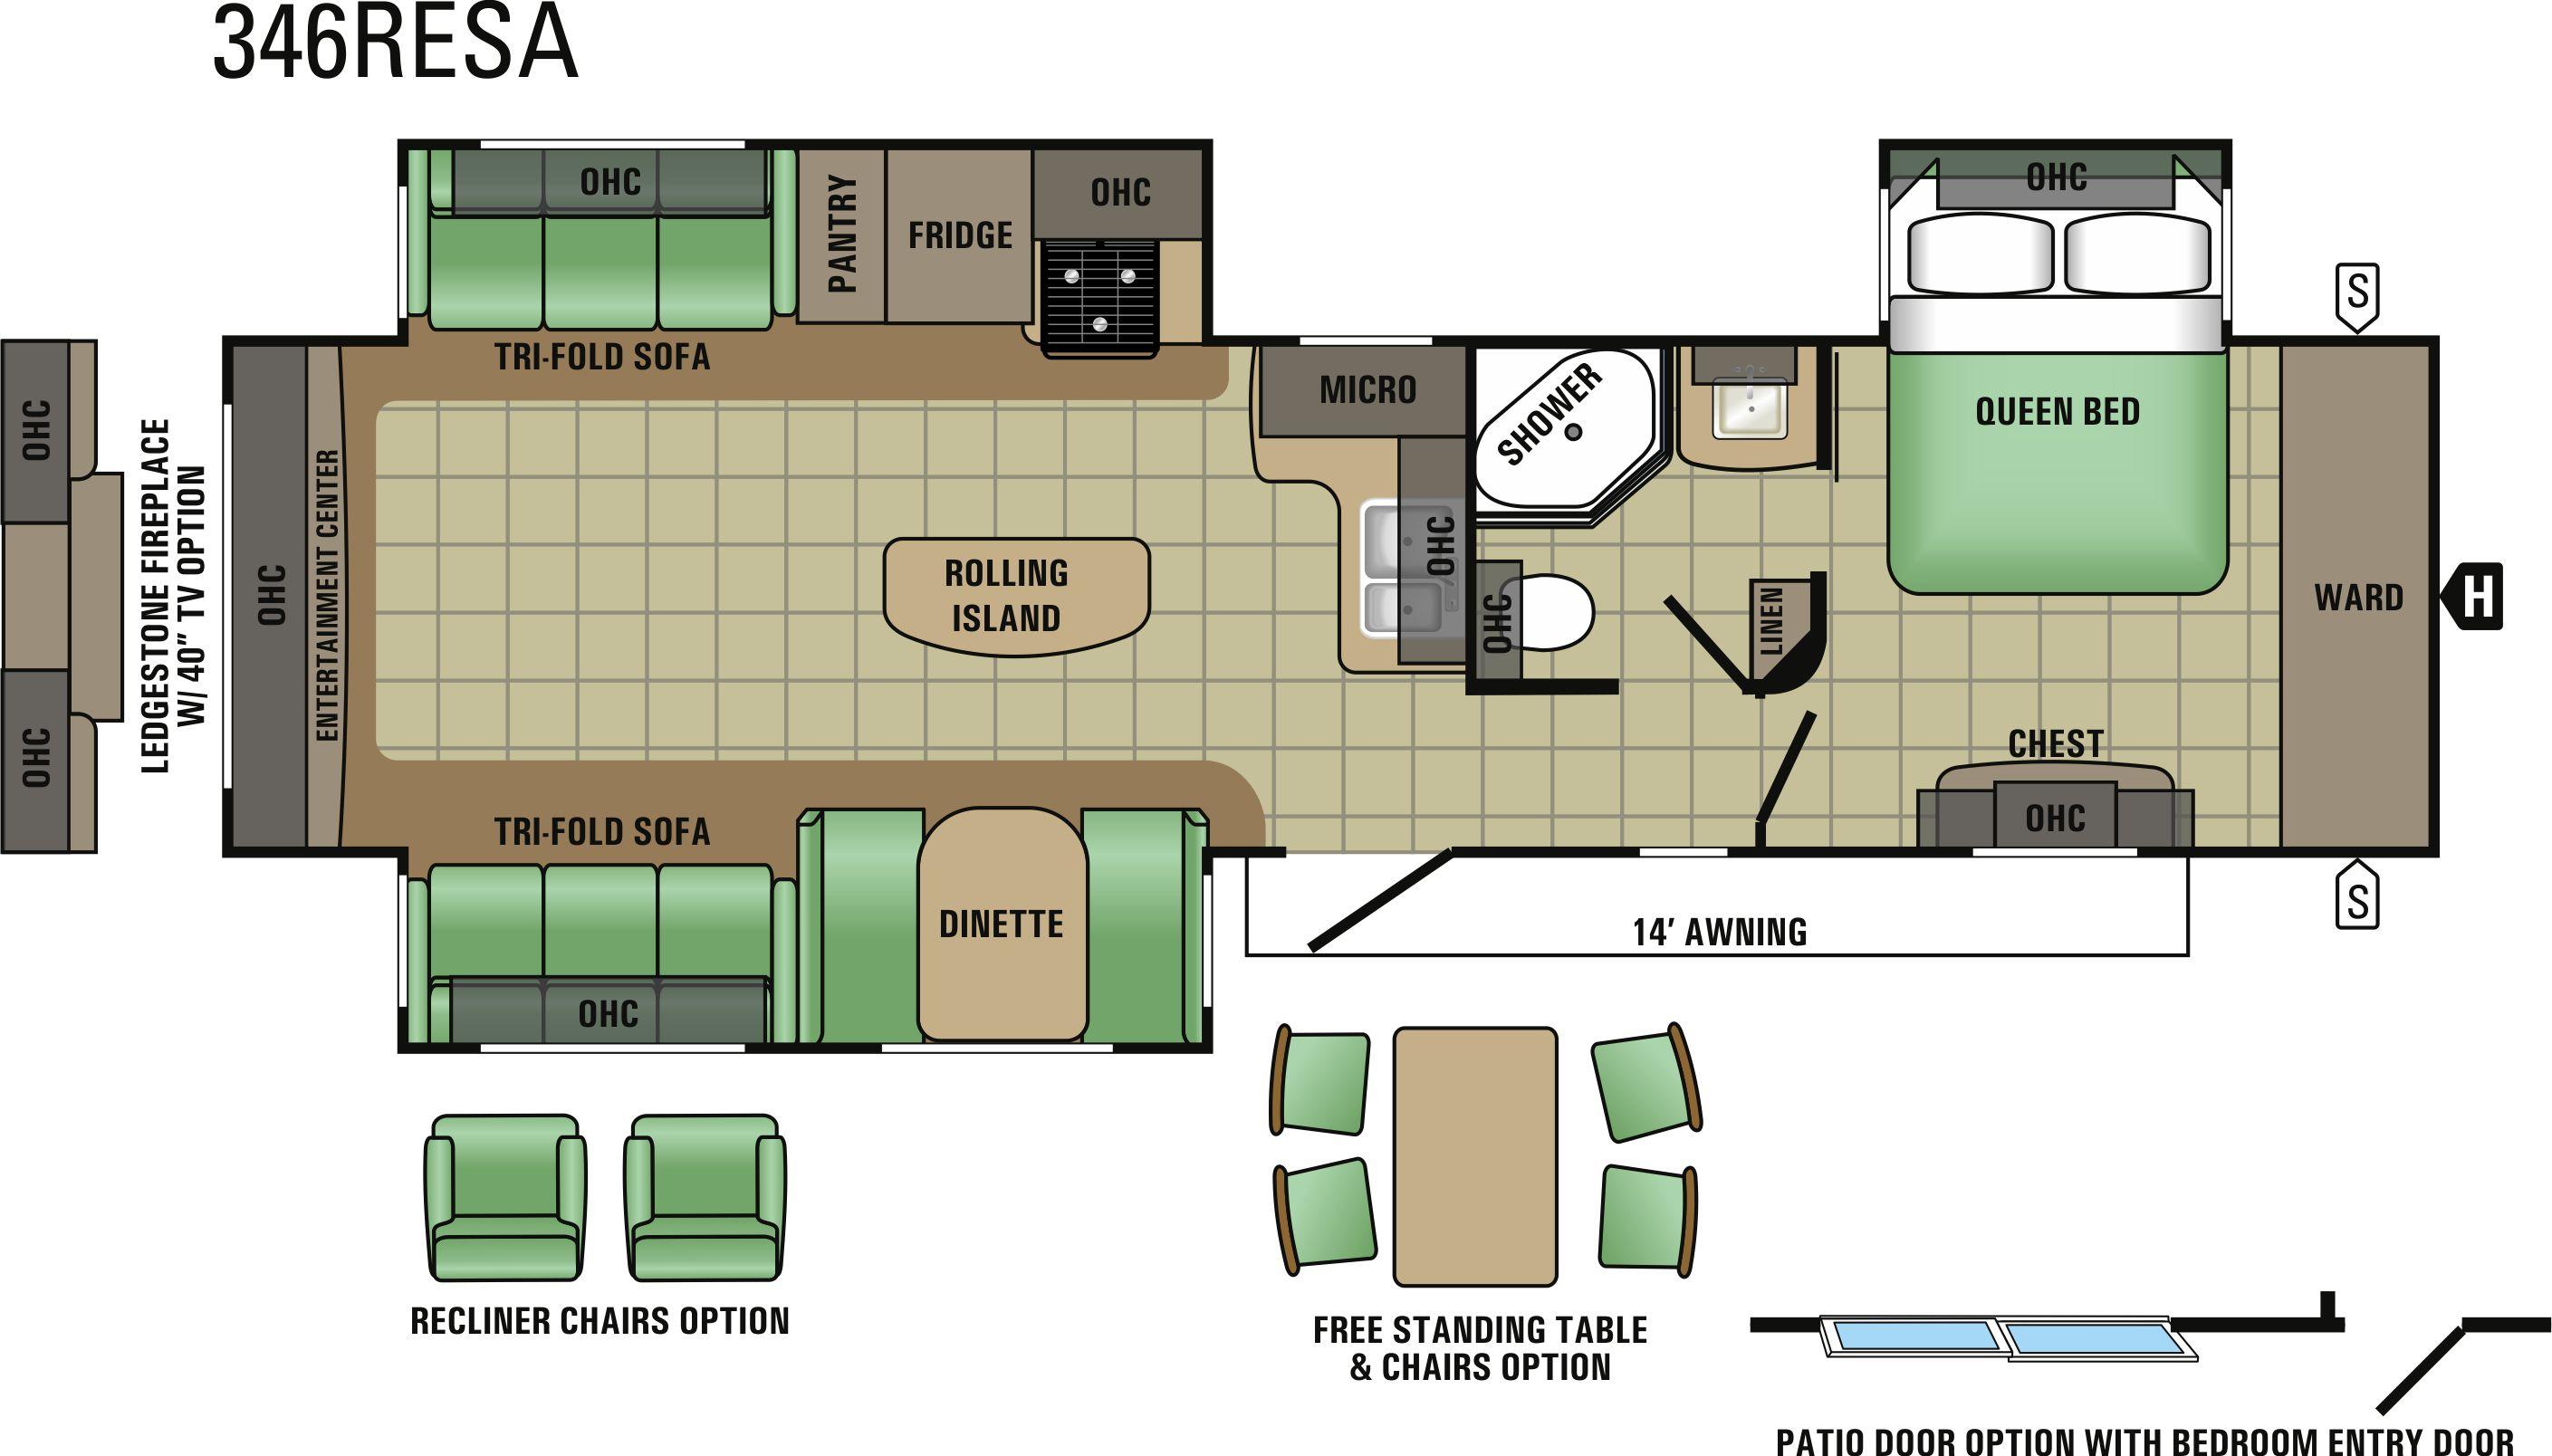 346RESA Floorplan